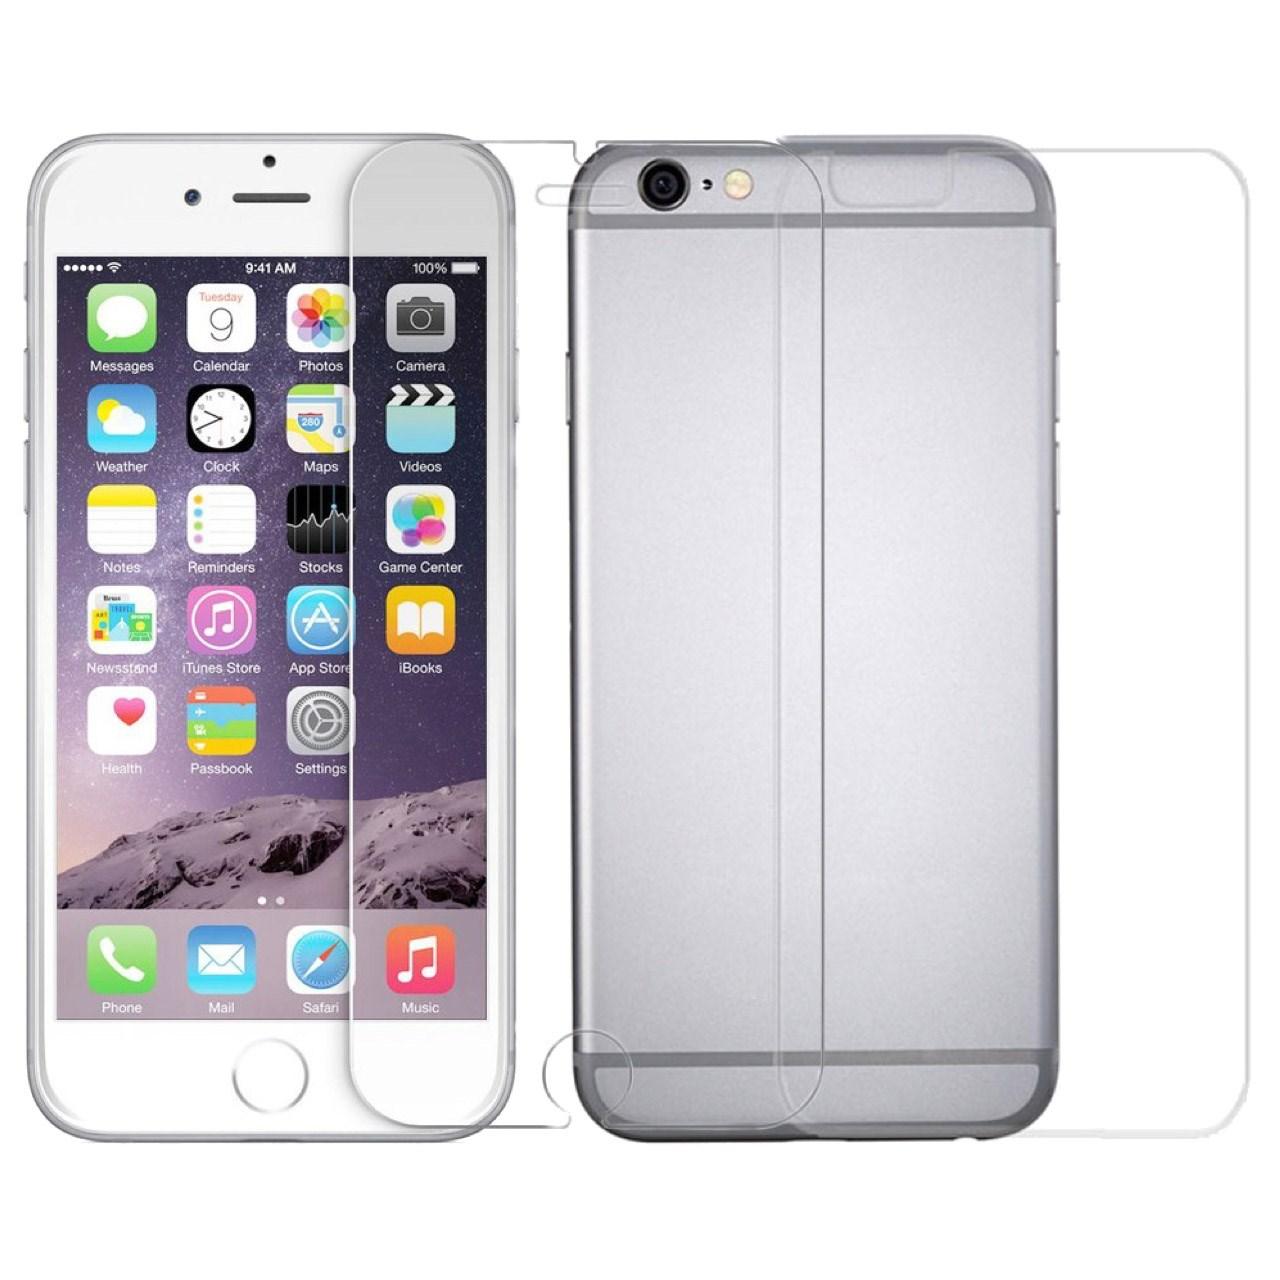 محافظ صفحه نمایش و پشت شیشه ای تمپرد مناسب برای گوشی موبایل اپل آیفون 6 پلاس